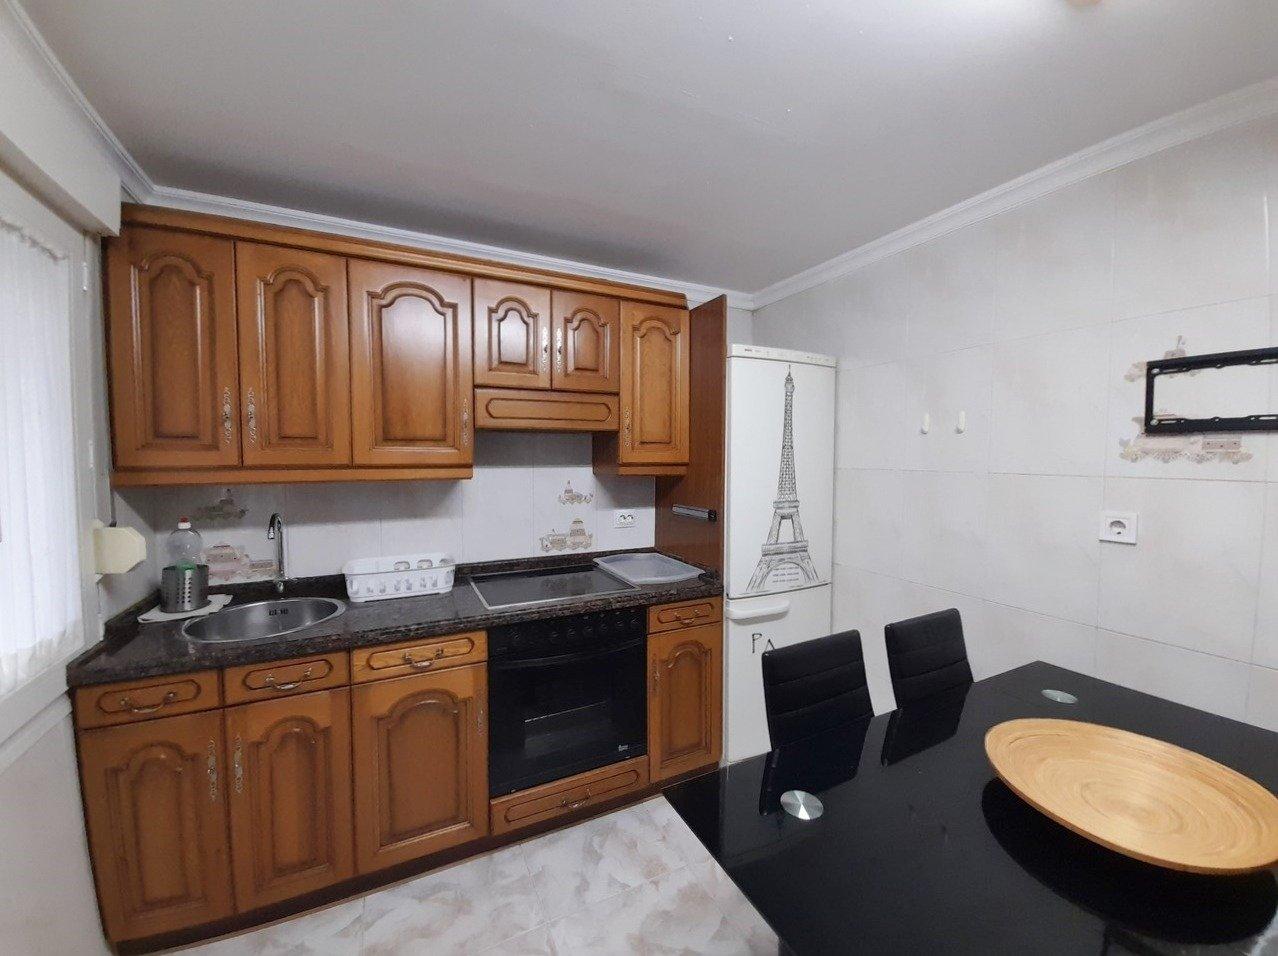 Estupendo piso reformado y amueblado - imagenInmueble1